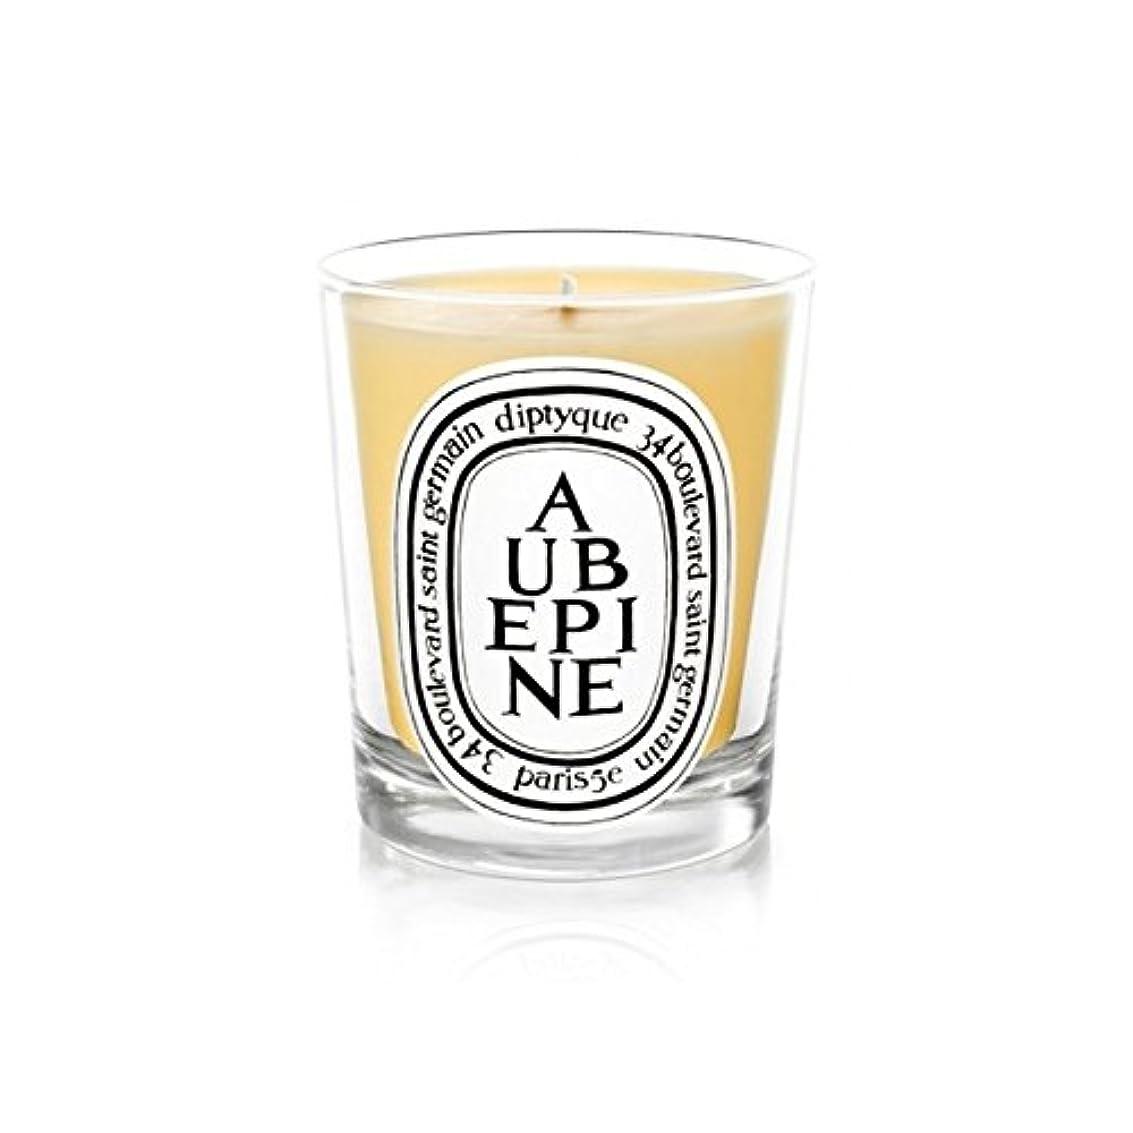 病的フォアタイプ慈悲Diptyque Candle Aub?pine / Hawthorn 190g (Pack of 6) - DiptyqueキャンドルAub?pine/サンザシ190グラム (x6) [並行輸入品]